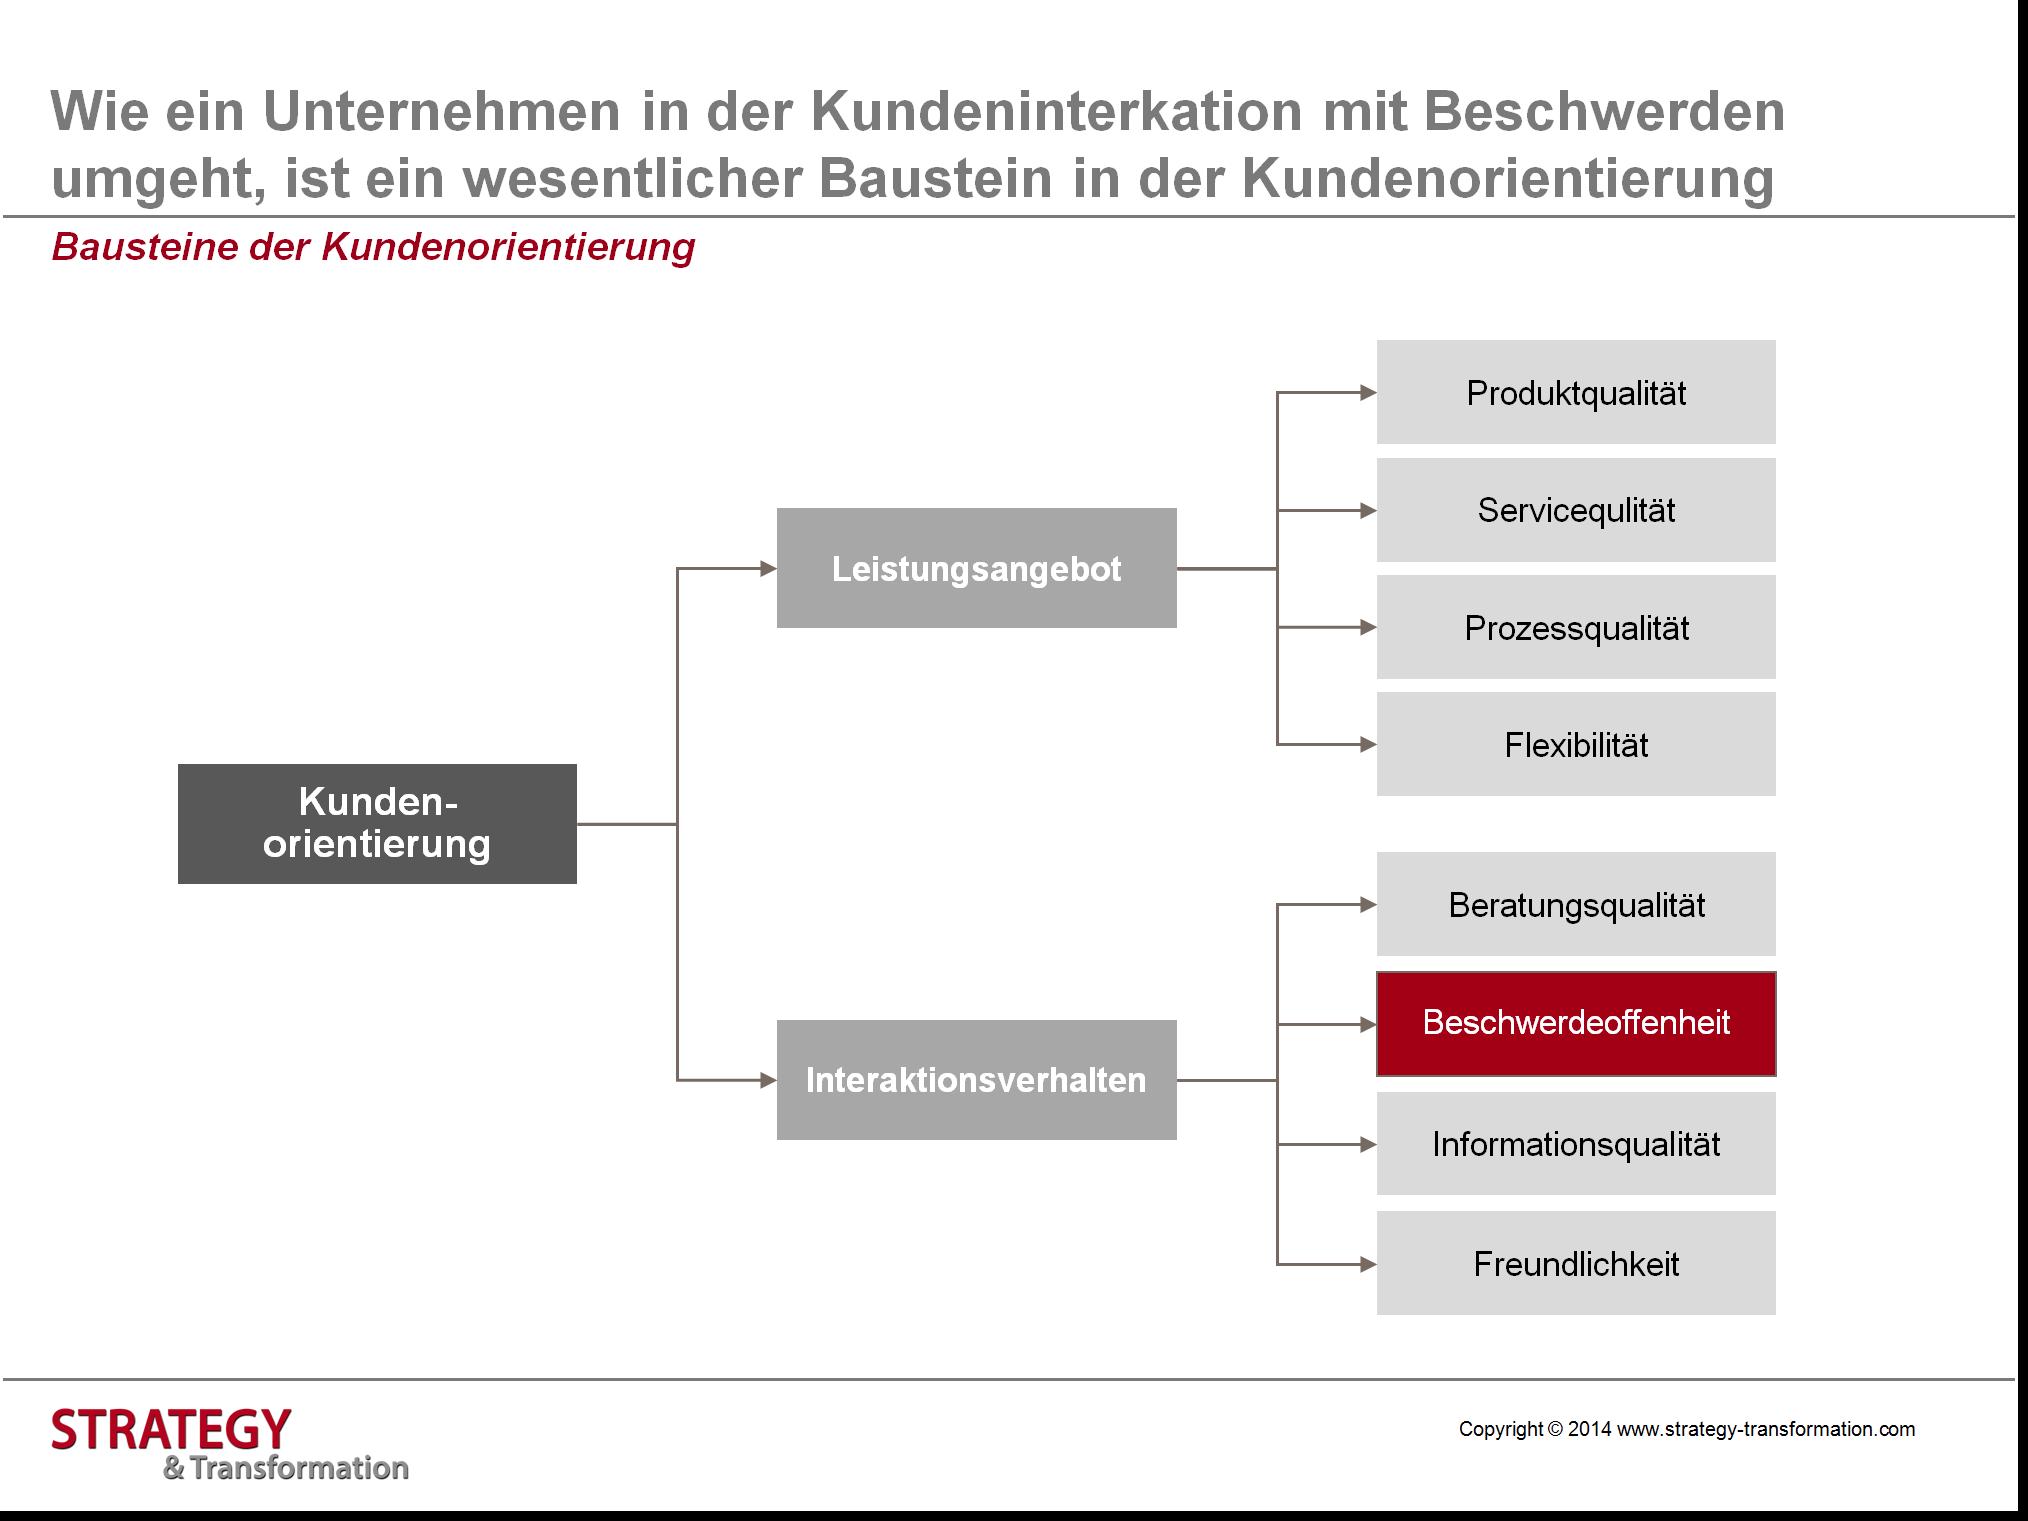 Beschwerdemanagement_Bausteine der Kundenorientierung